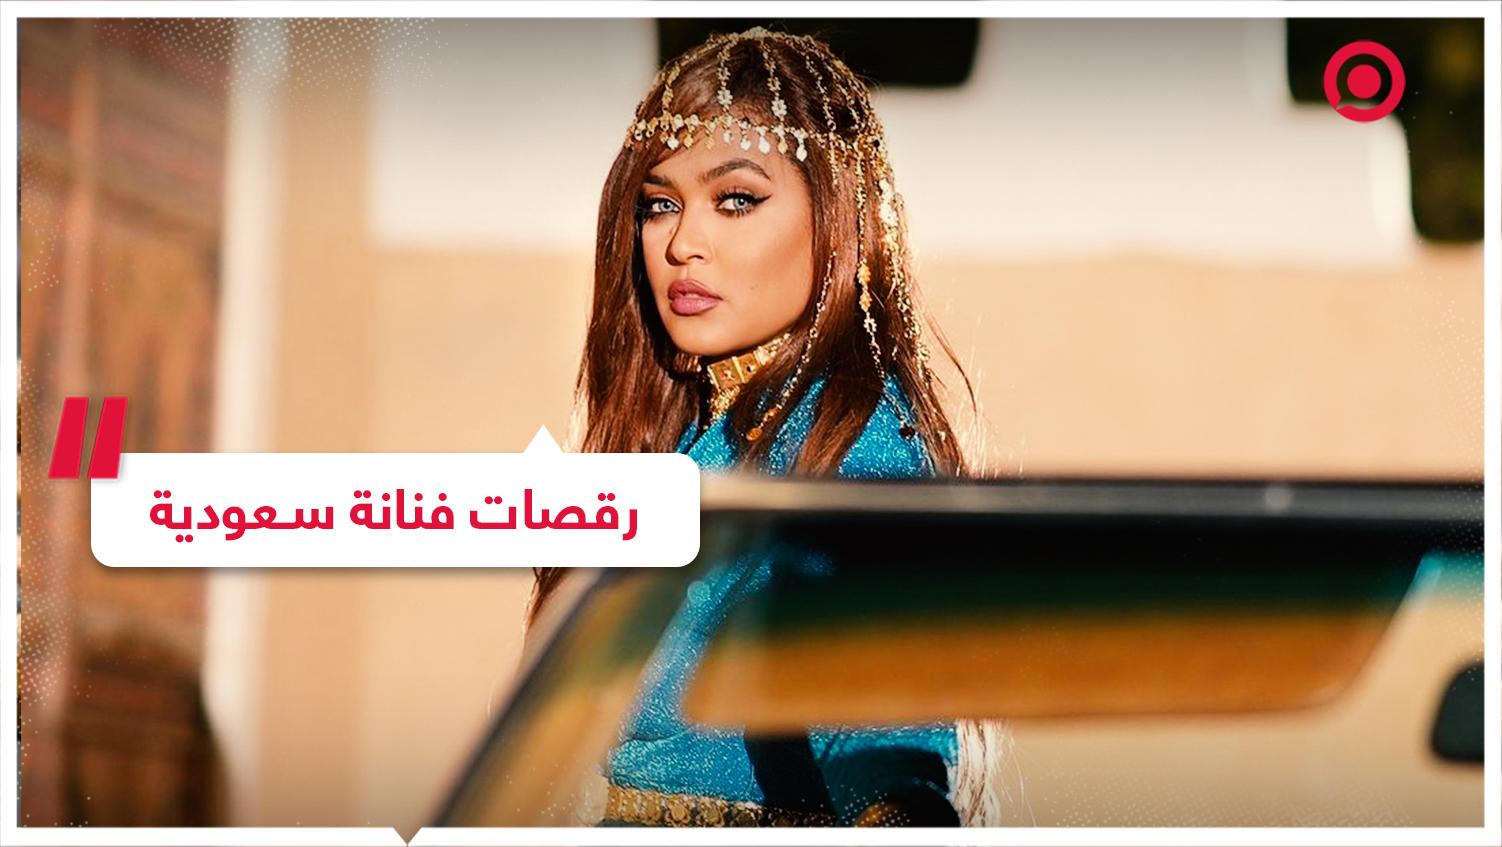 #فنانة_سعودية #وعد #مالديف #السعودية